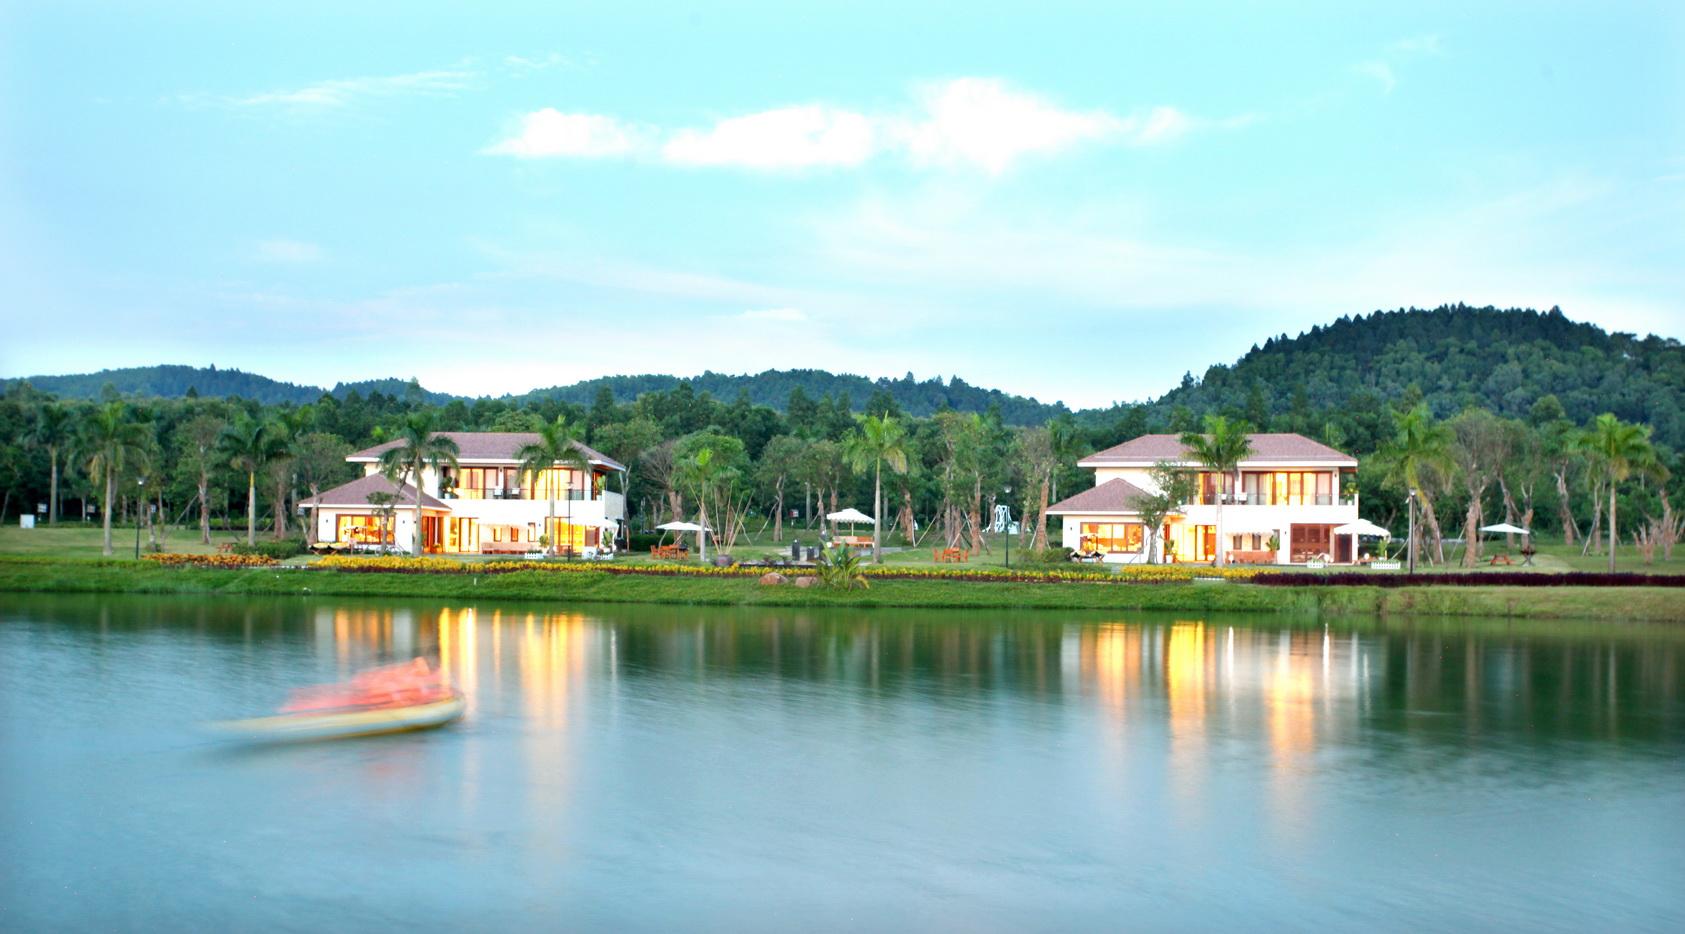 Hồ Đại Lải là địa điểm bạn không thể bỏ qua khi du lịch Vĩnh Phúc